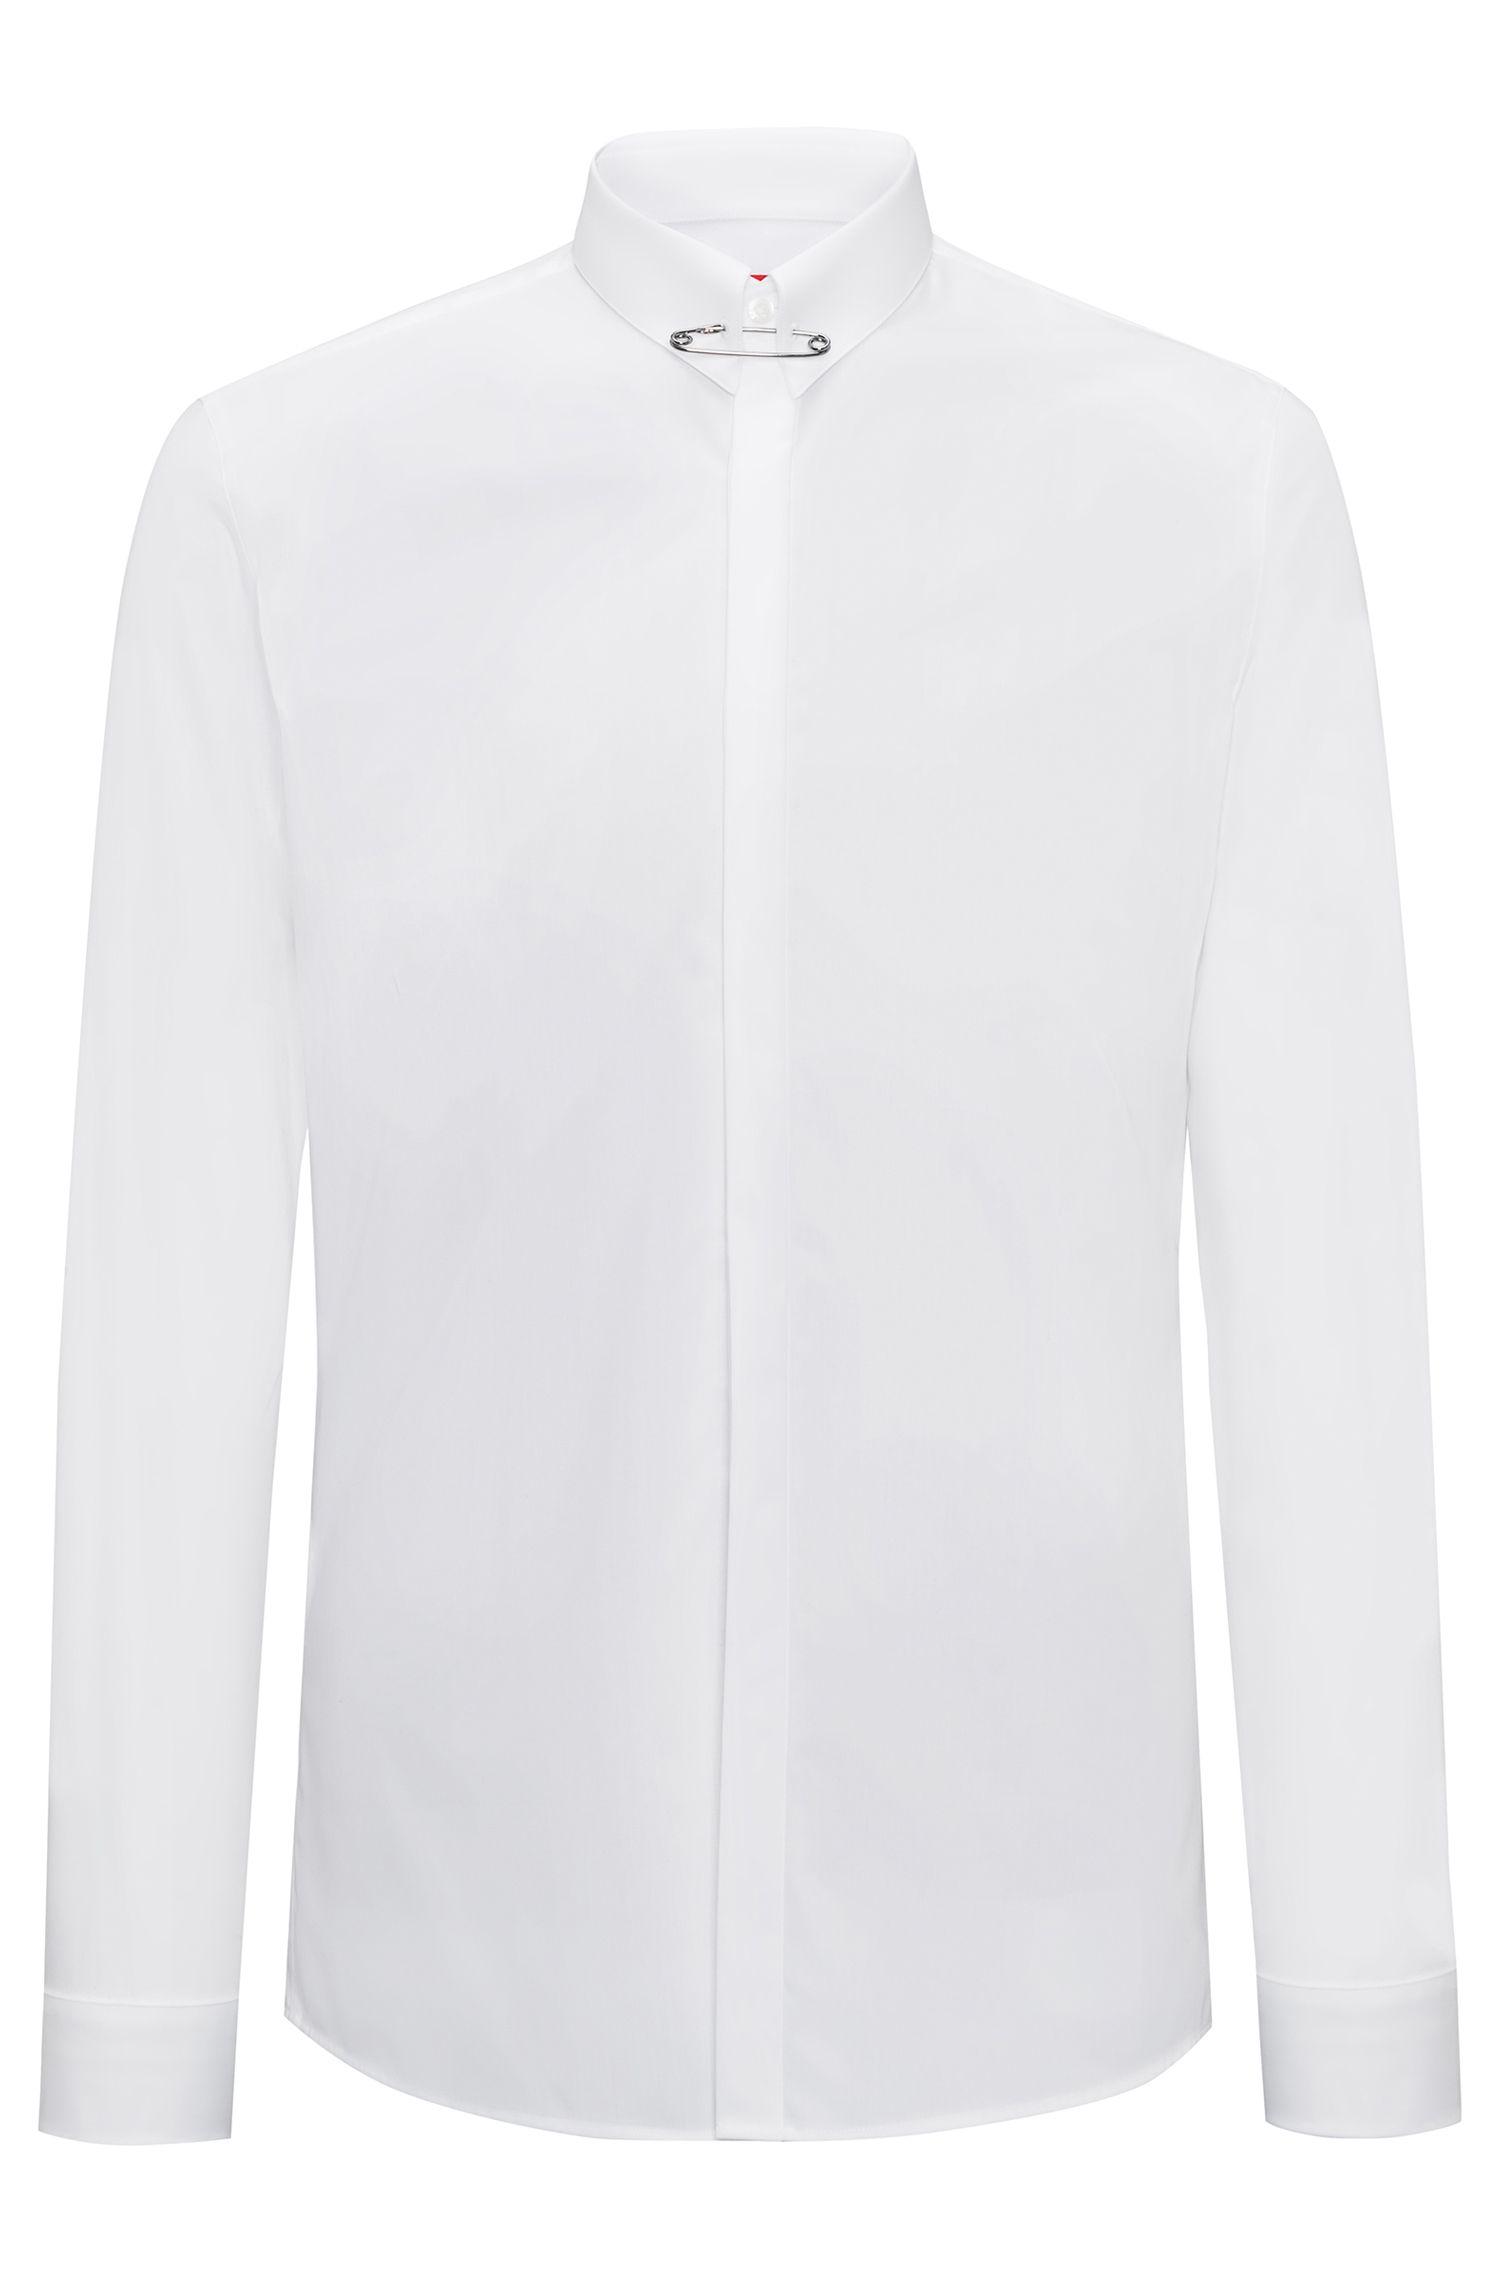 Extra Slim-Fit Hemd aus Baumwolle mit Sicherheitsnadel am Kragen